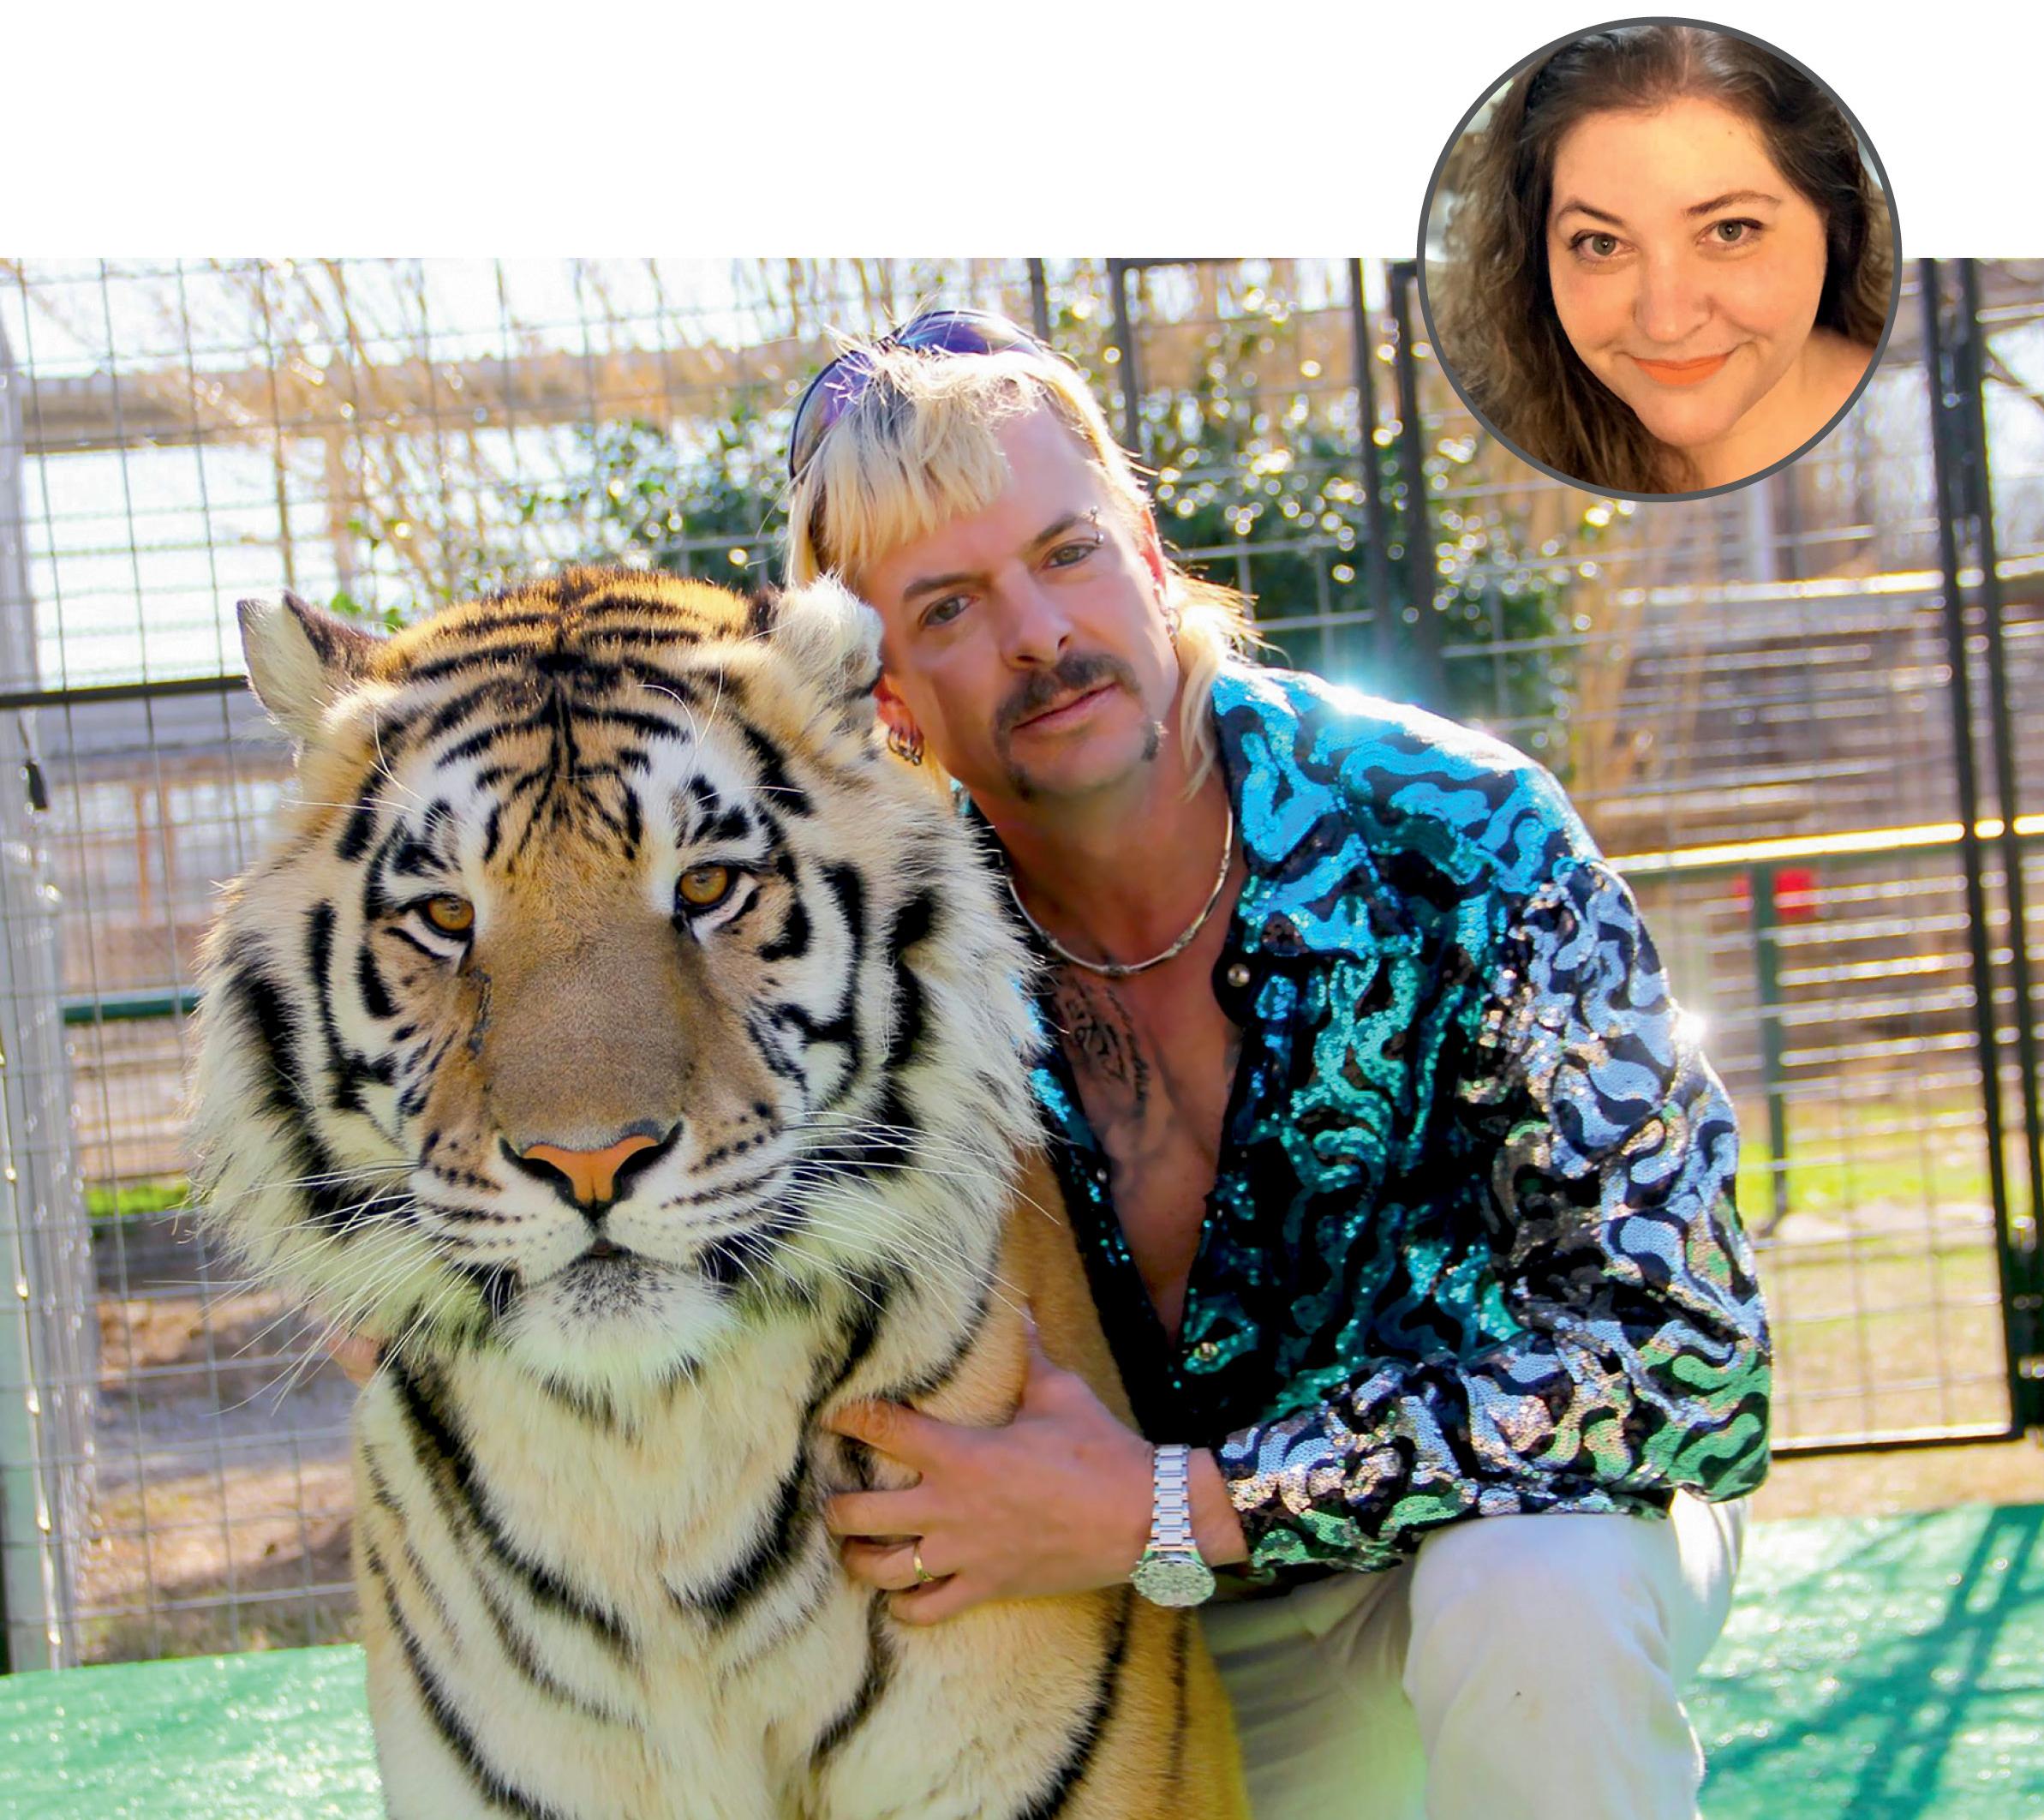 Foto de Alessandra com uma imagem ilustrativa da série A Máfia dos Tigres